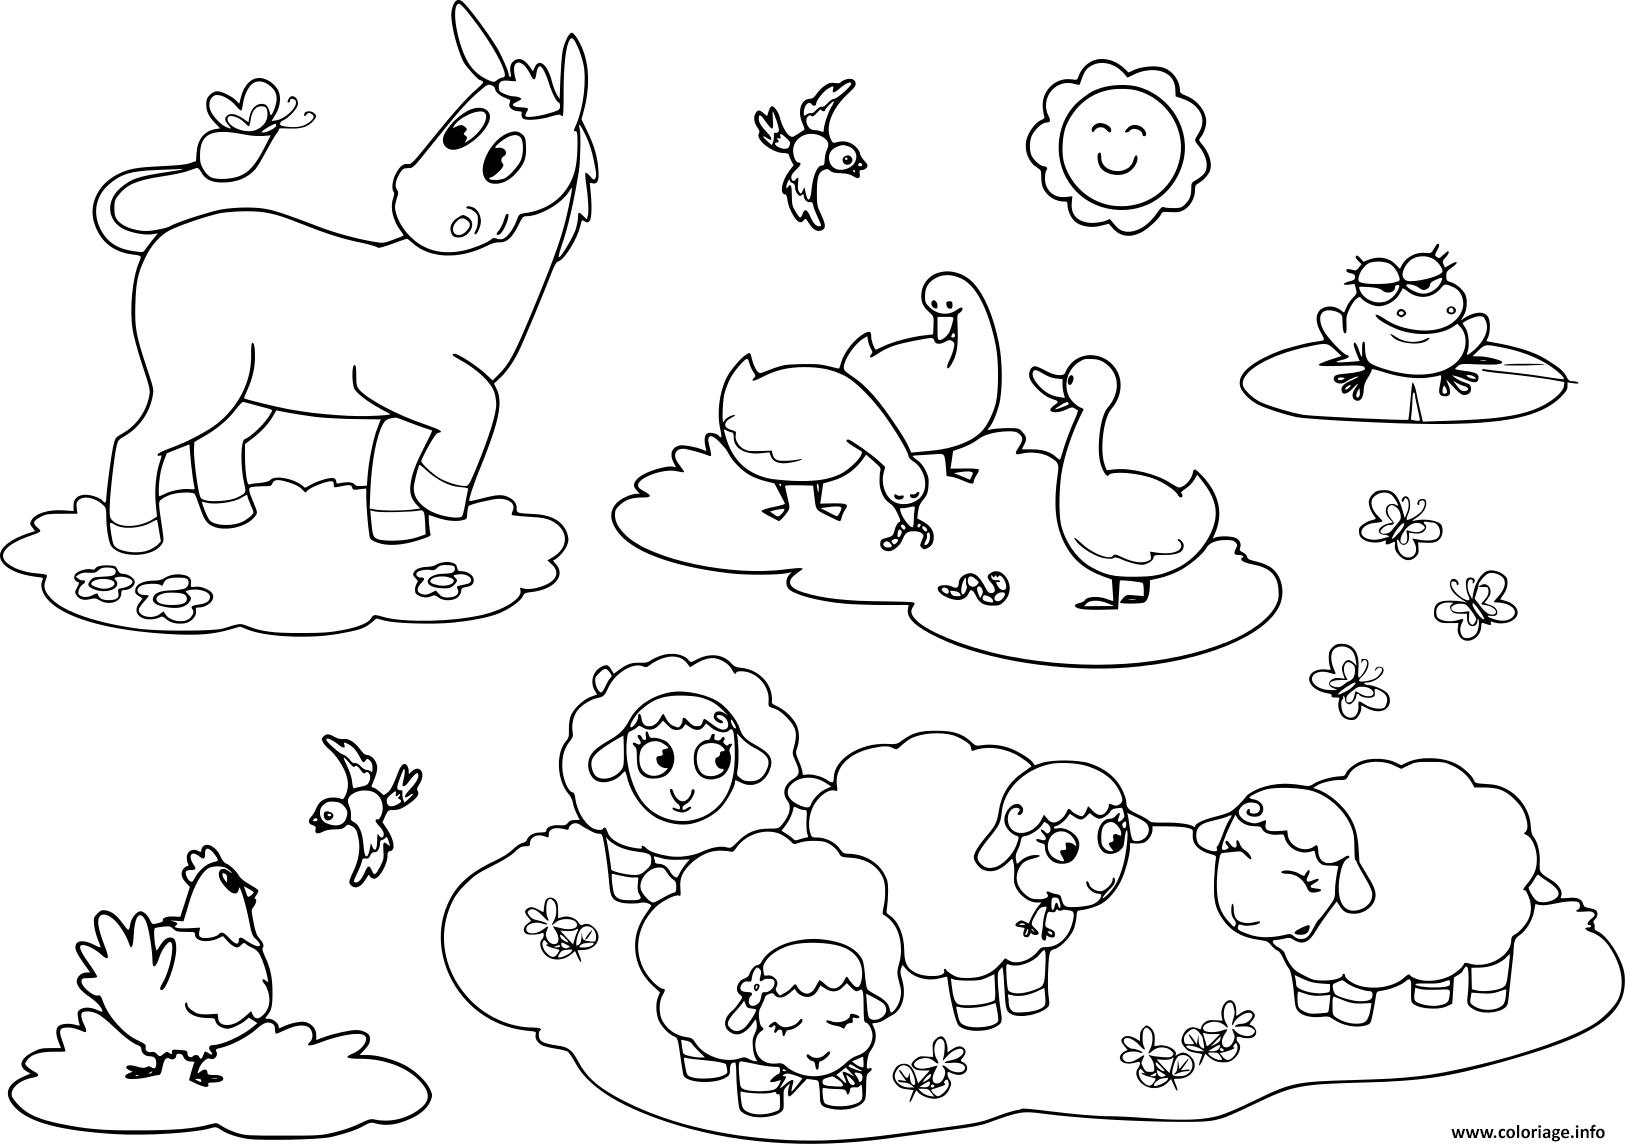 Coloriage Animaux De La Ferme Pour Enfants Ane Oie Poule avec Animaux A Dessiner Imprimer